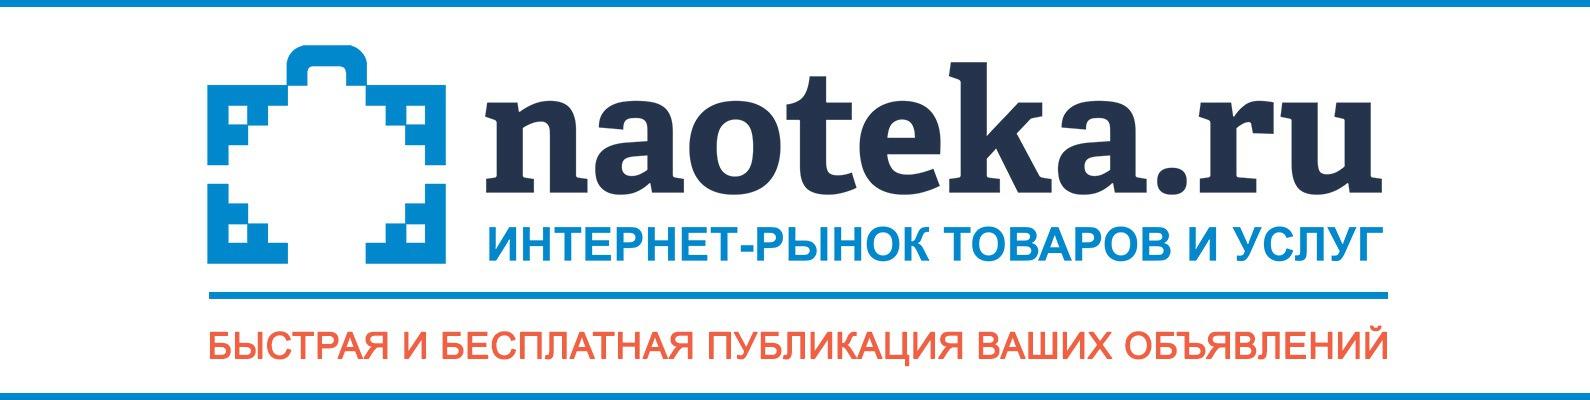 Доска объявлений в контакте город нарьян мар дать объявление о продаже квартиры в витебске